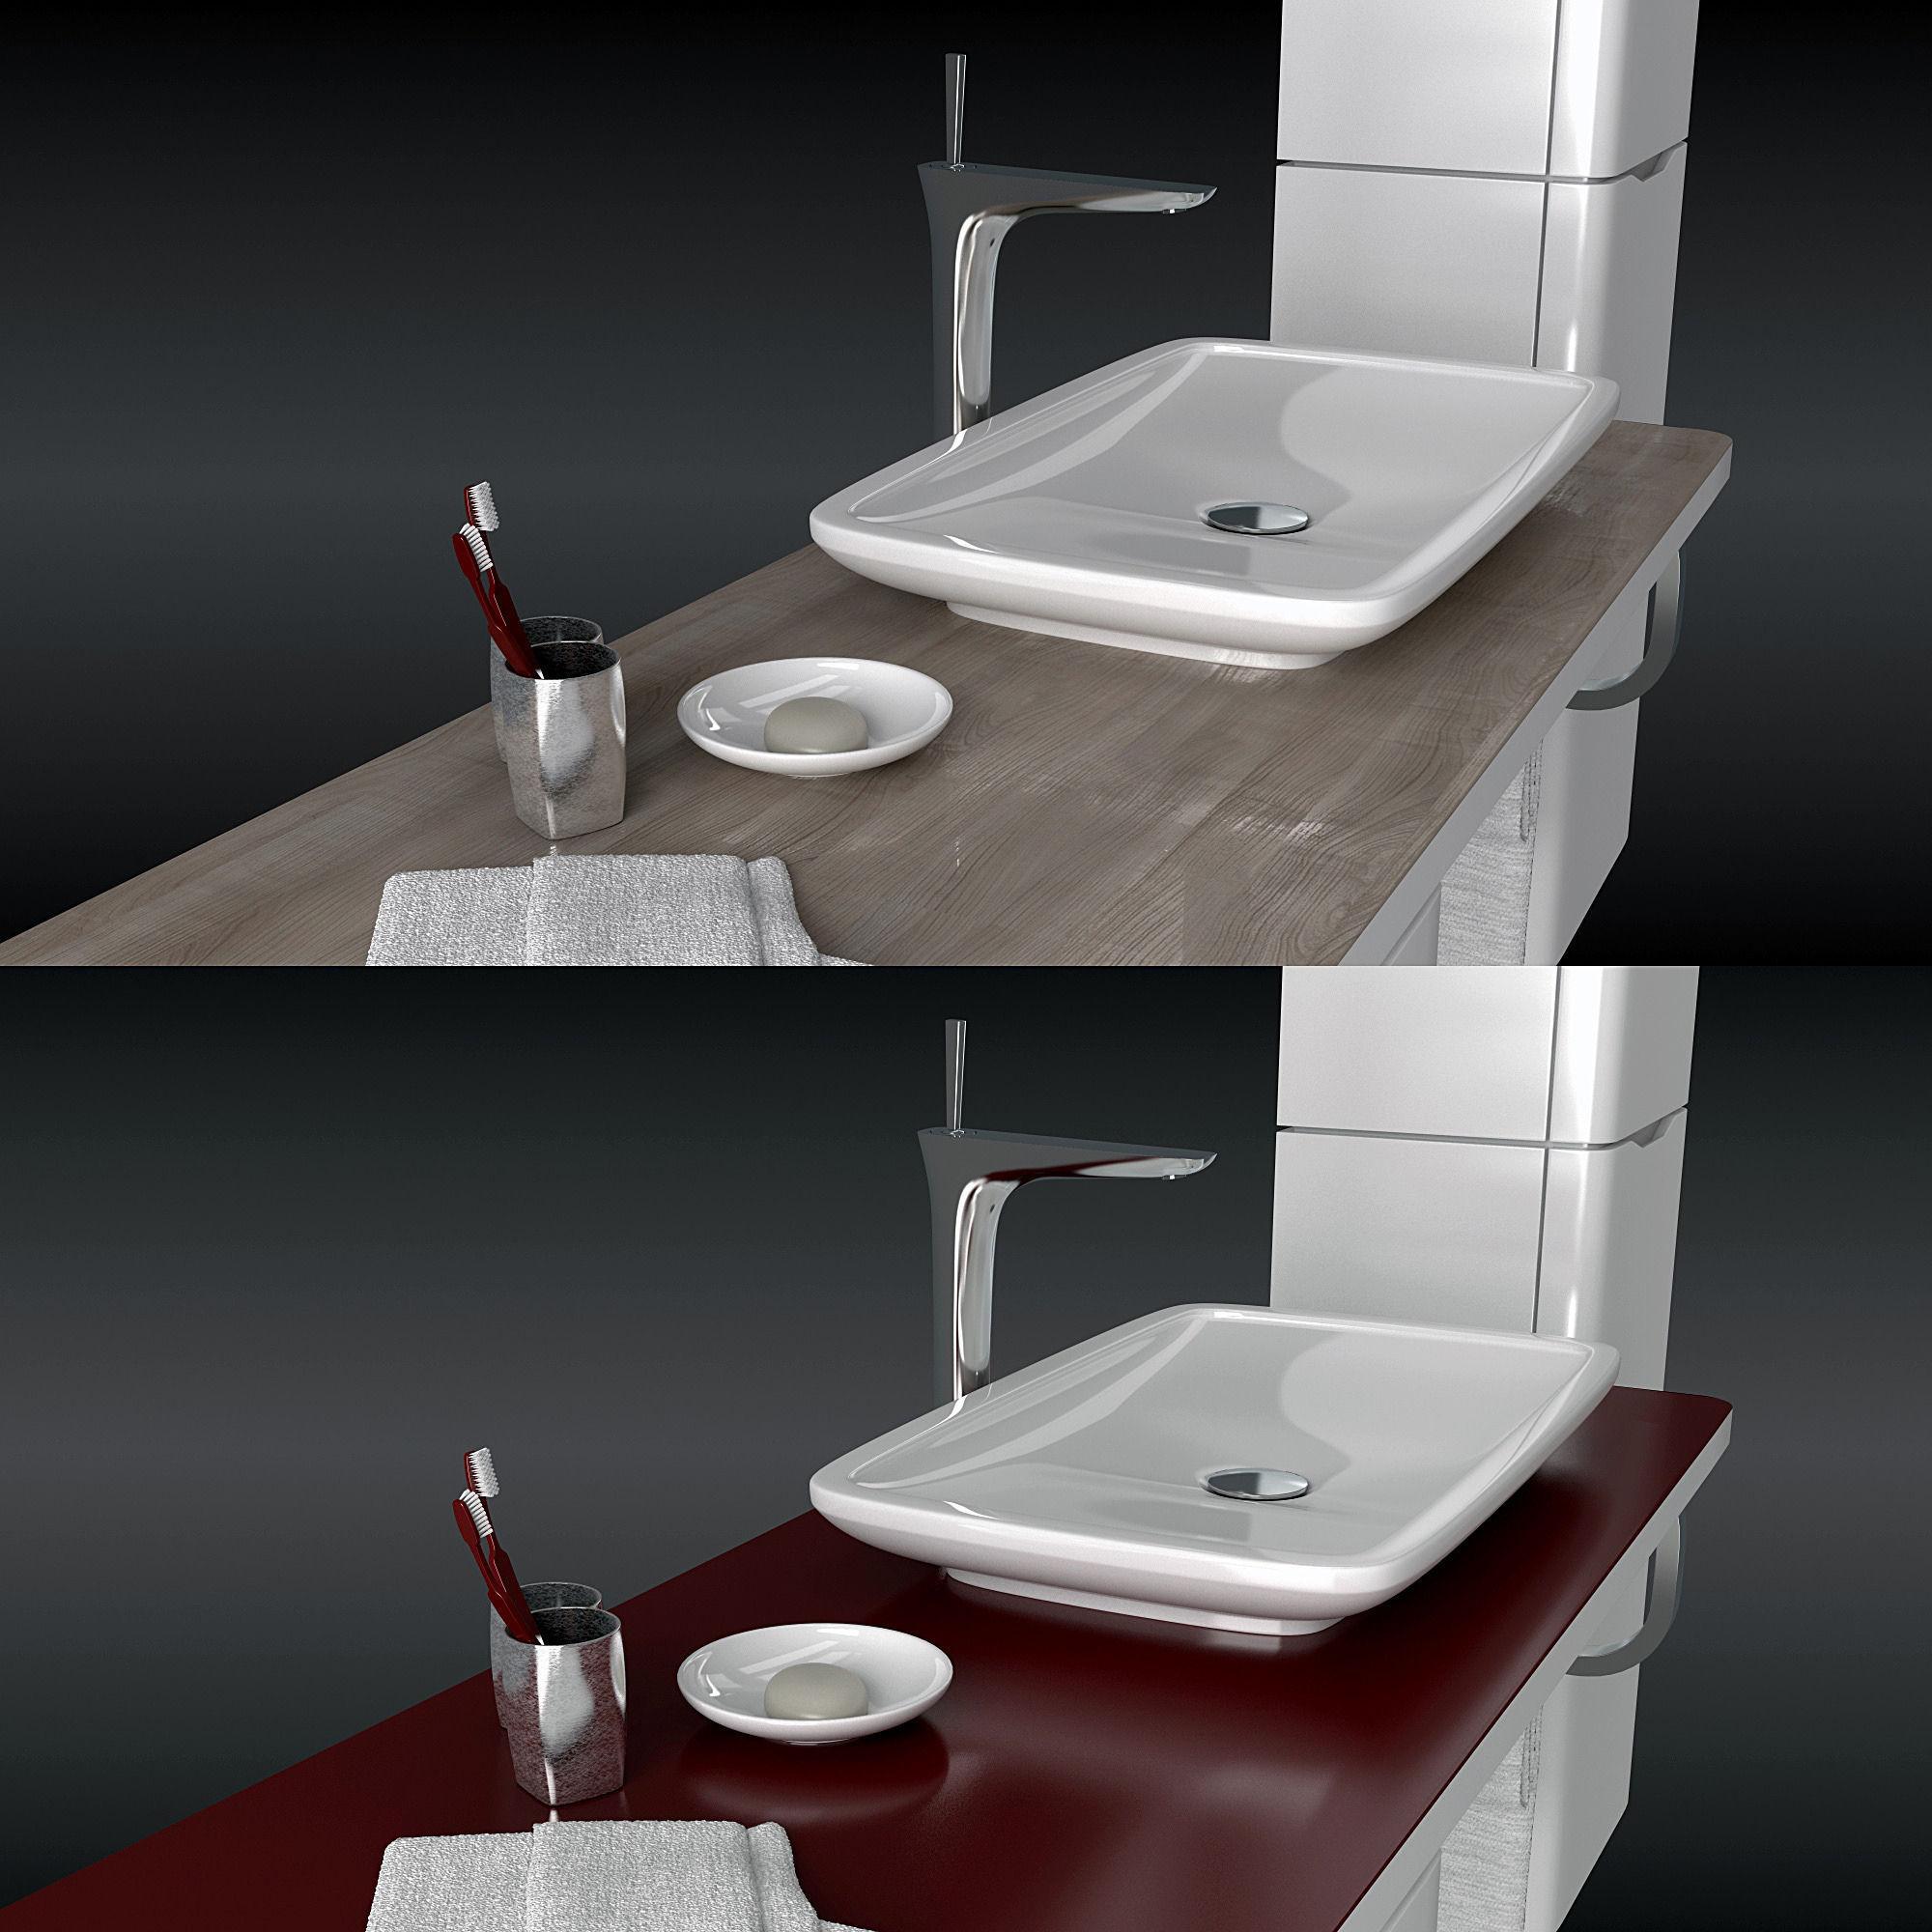 Attractive Duravit Bathroom Accessories Pattern   Bathroom Ideas .